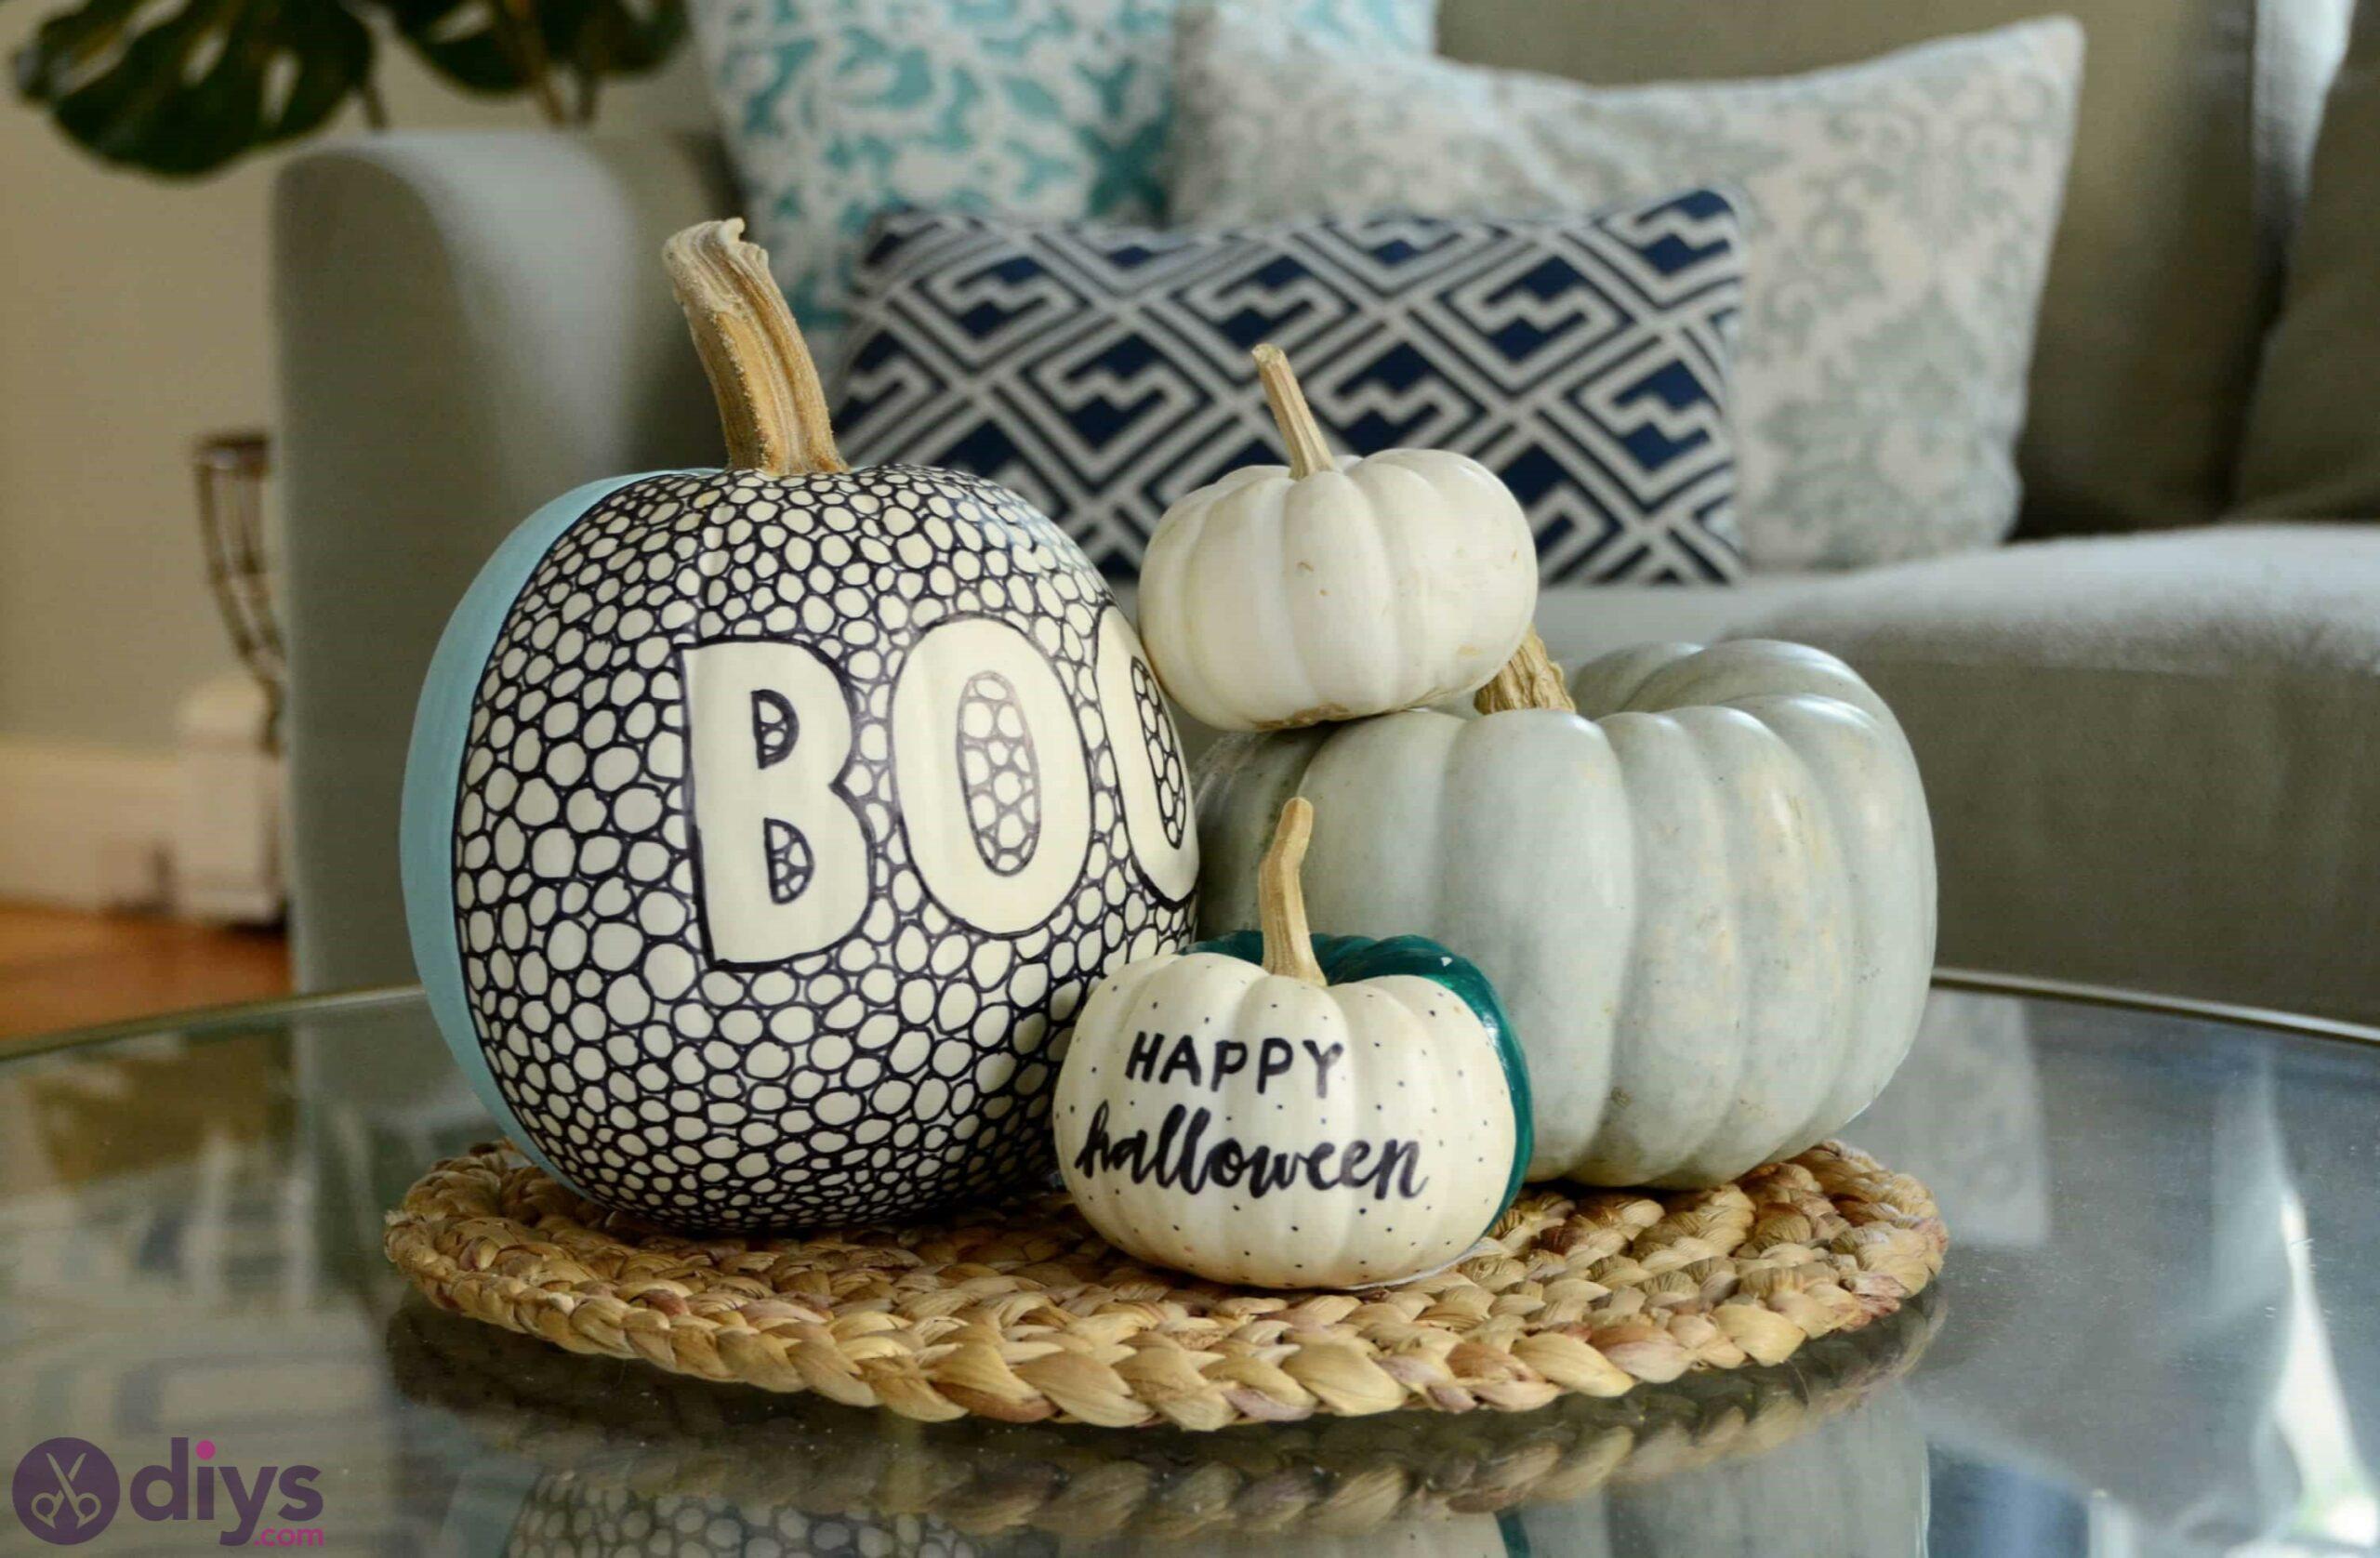 Creative pumpkin decorating ideas halloween messages